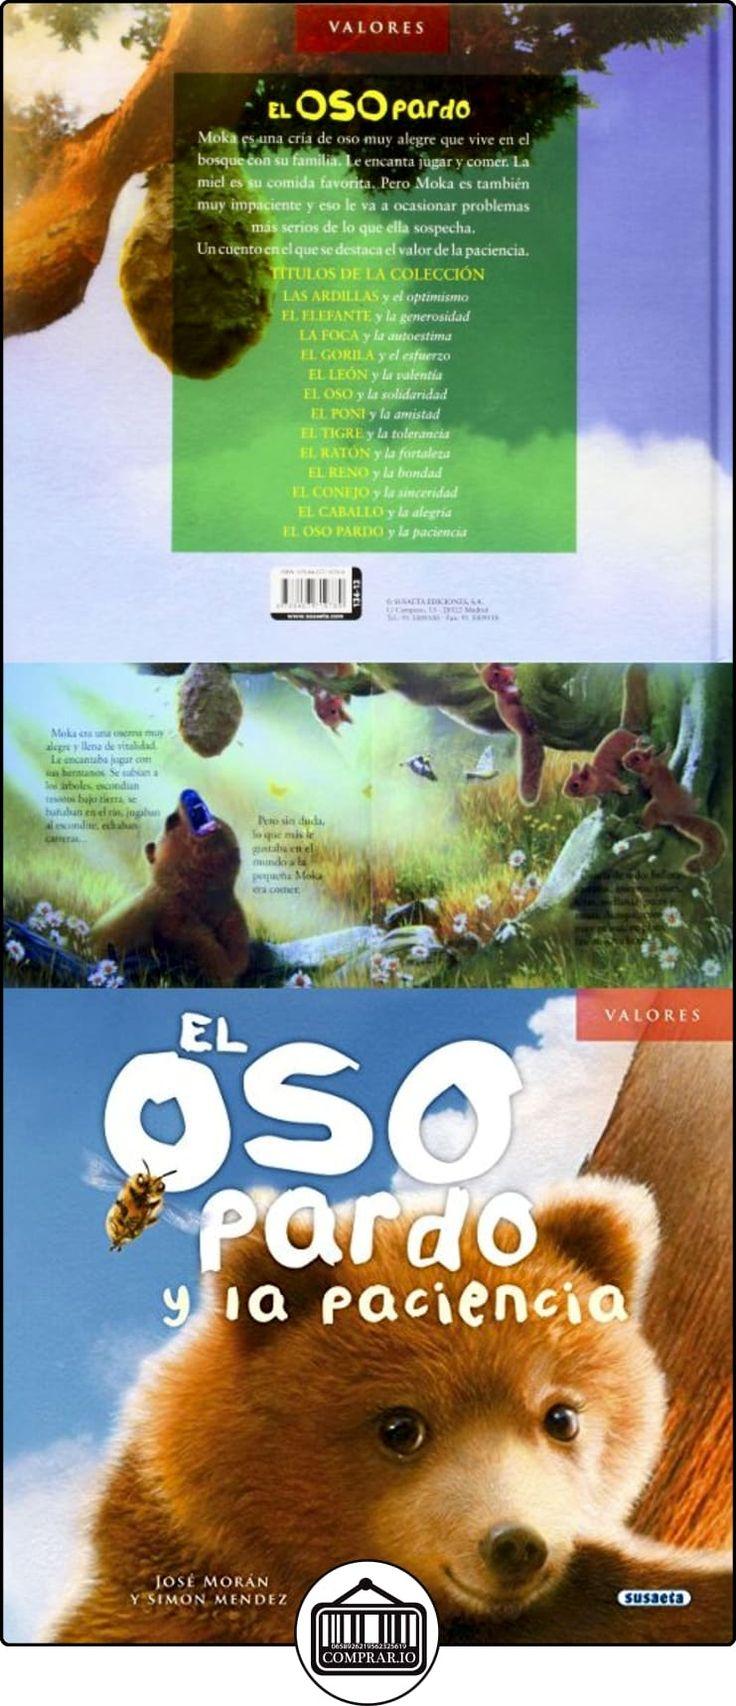 El Oso Pardo Y La Paciencia (Valores) José Morán ✿ Libros infantiles y juveniles - (De 6 a 9 años) ✿